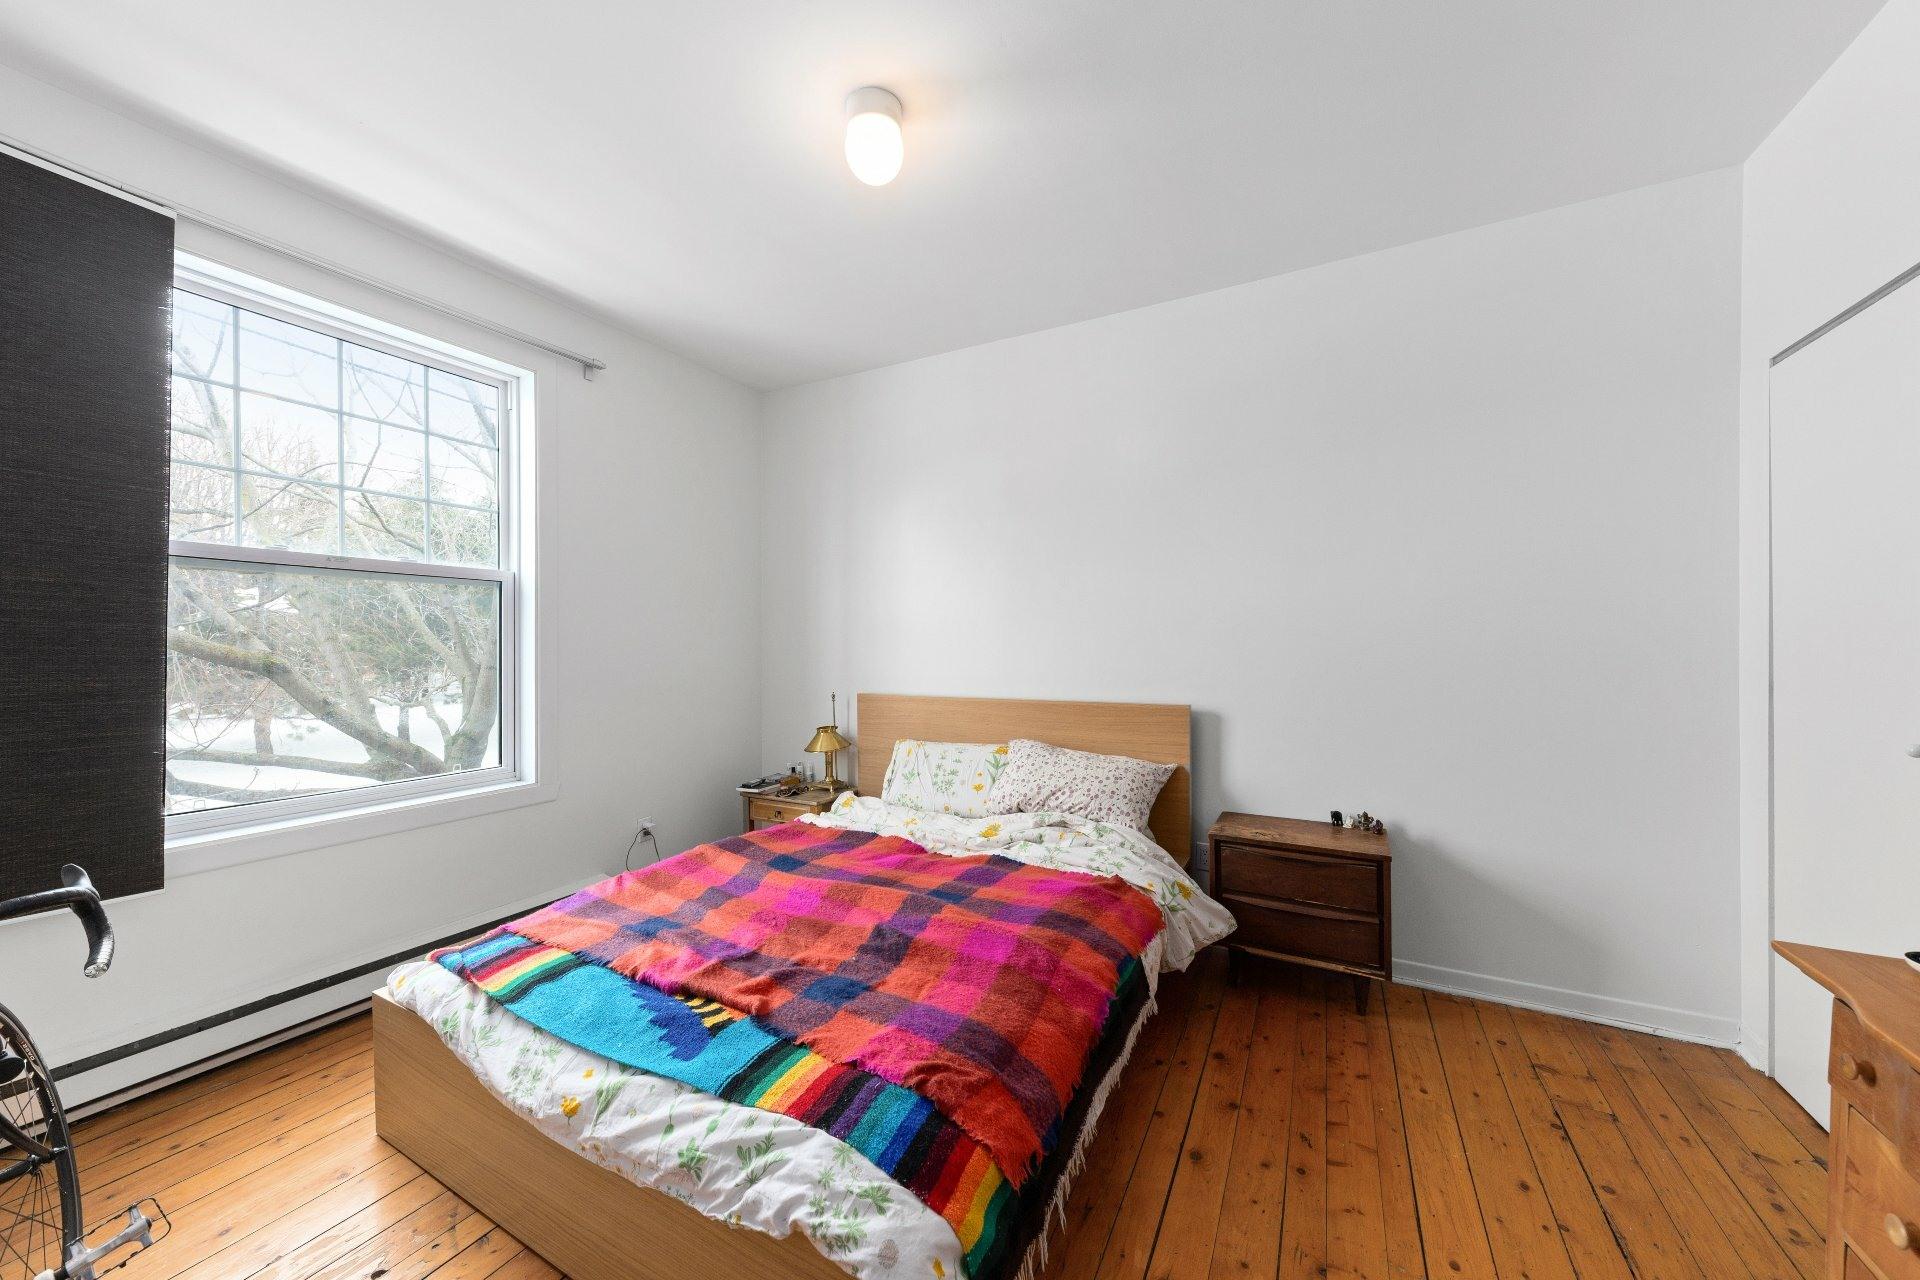 image 31 - Duplex À vendre Le Plateau-Mont-Royal Montréal  - 5 pièces